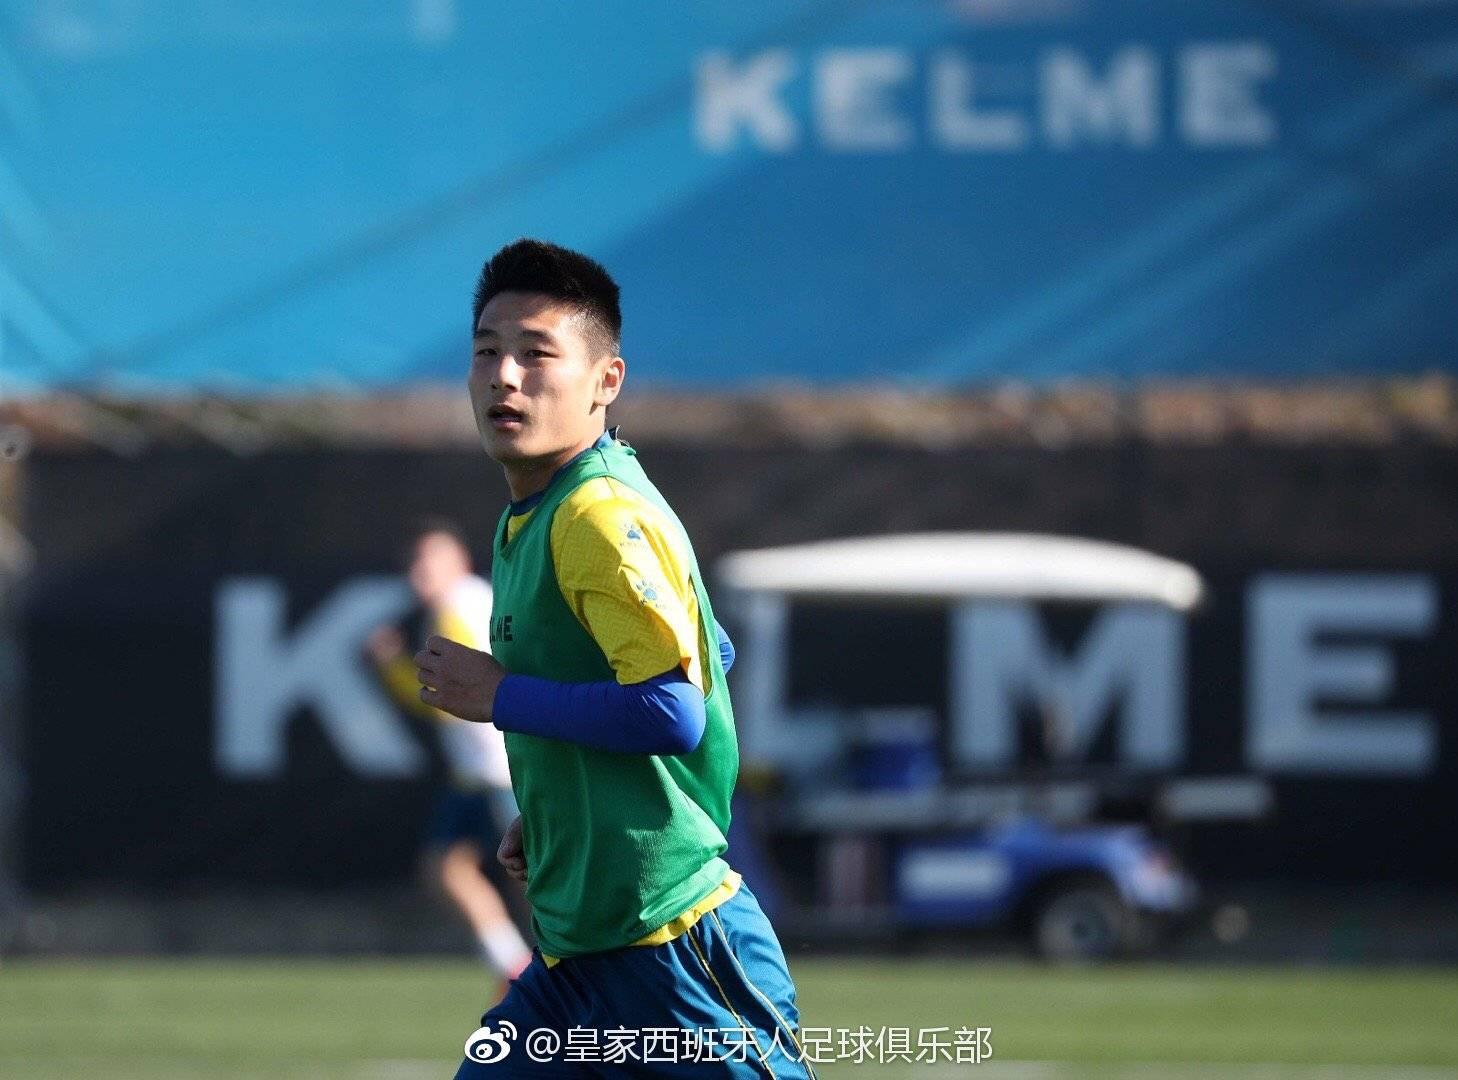 马卡报预测:武磊将在周日迎来西甲生涯首次首发